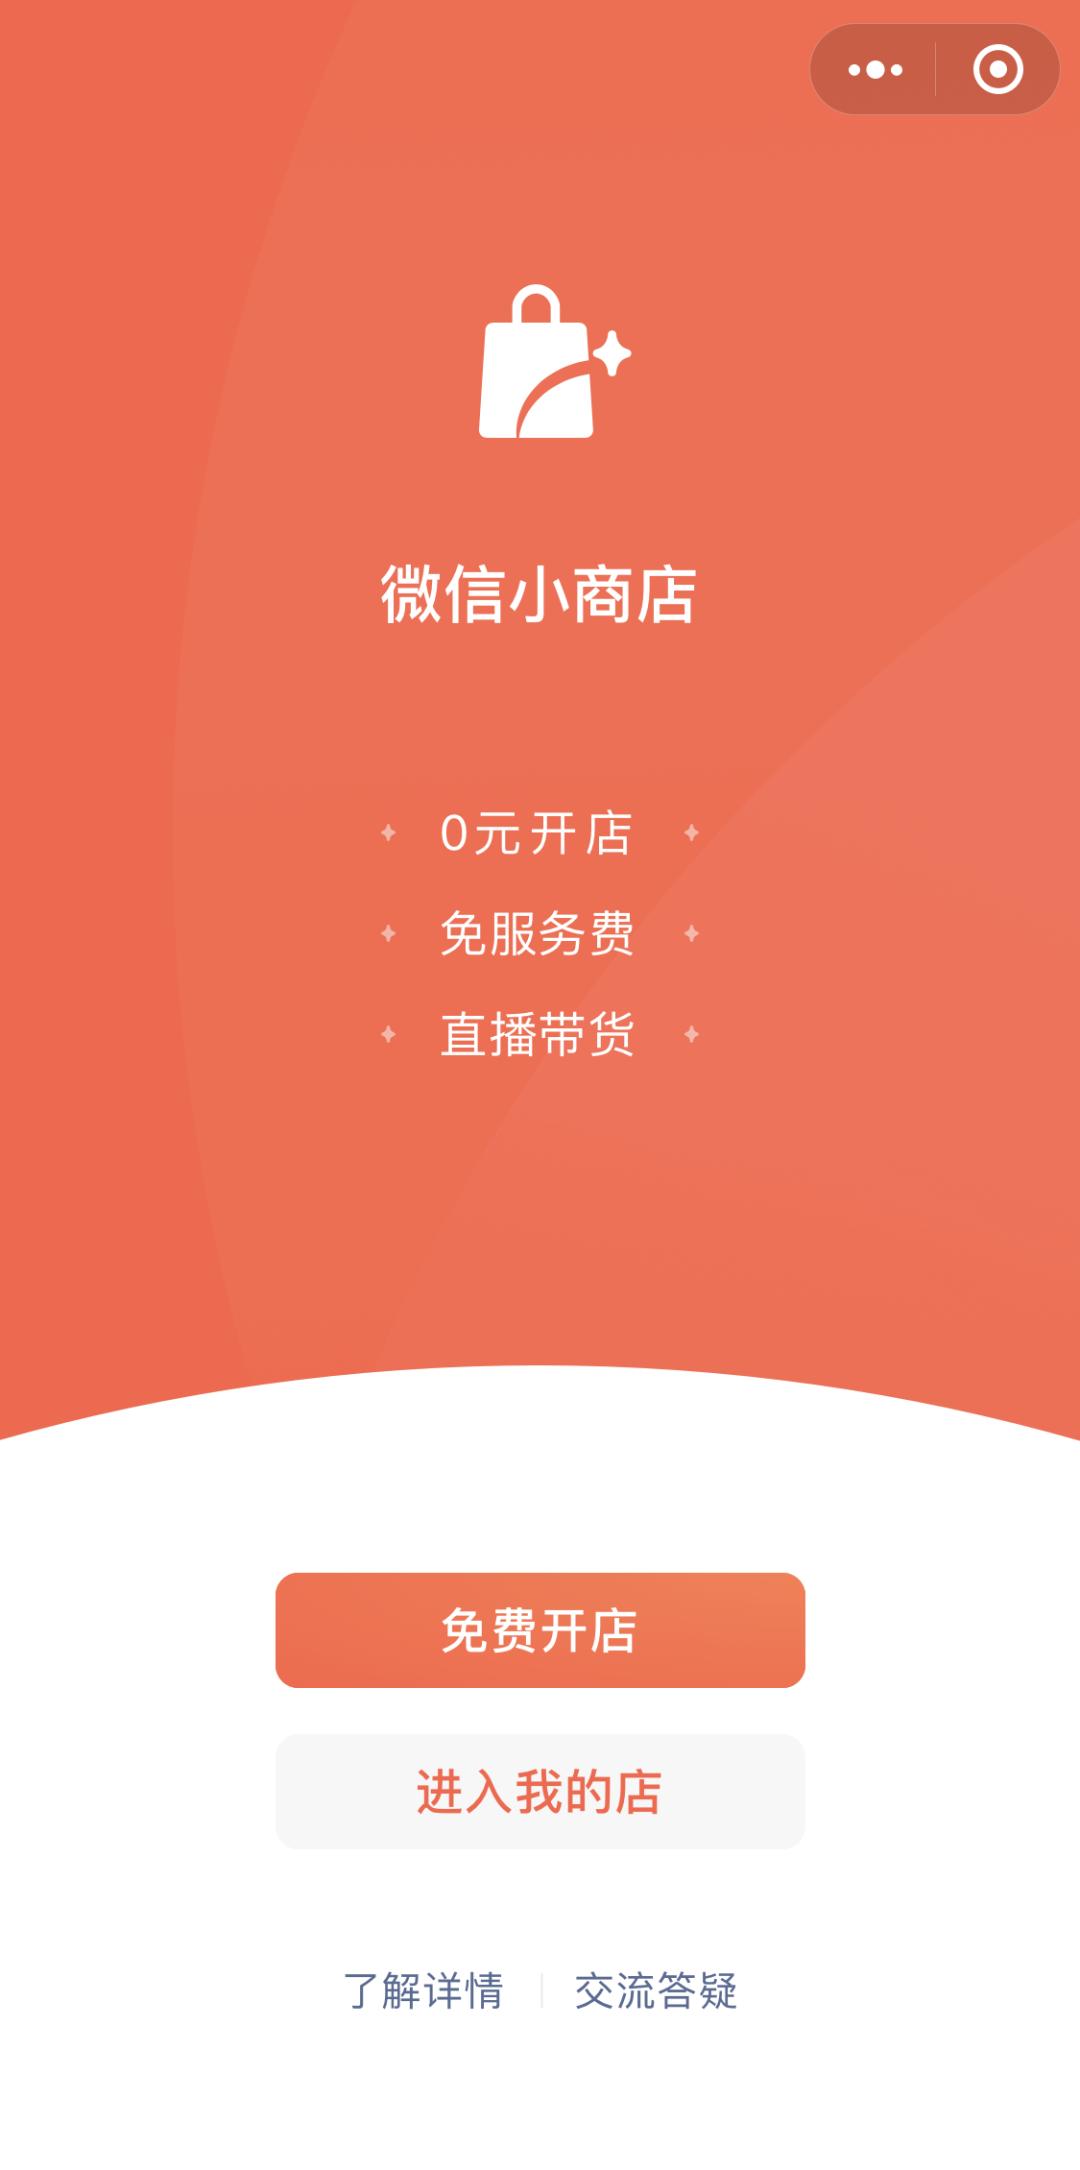 重大通知 | 微信小商店正式开放内测申请,还可直播卖货!